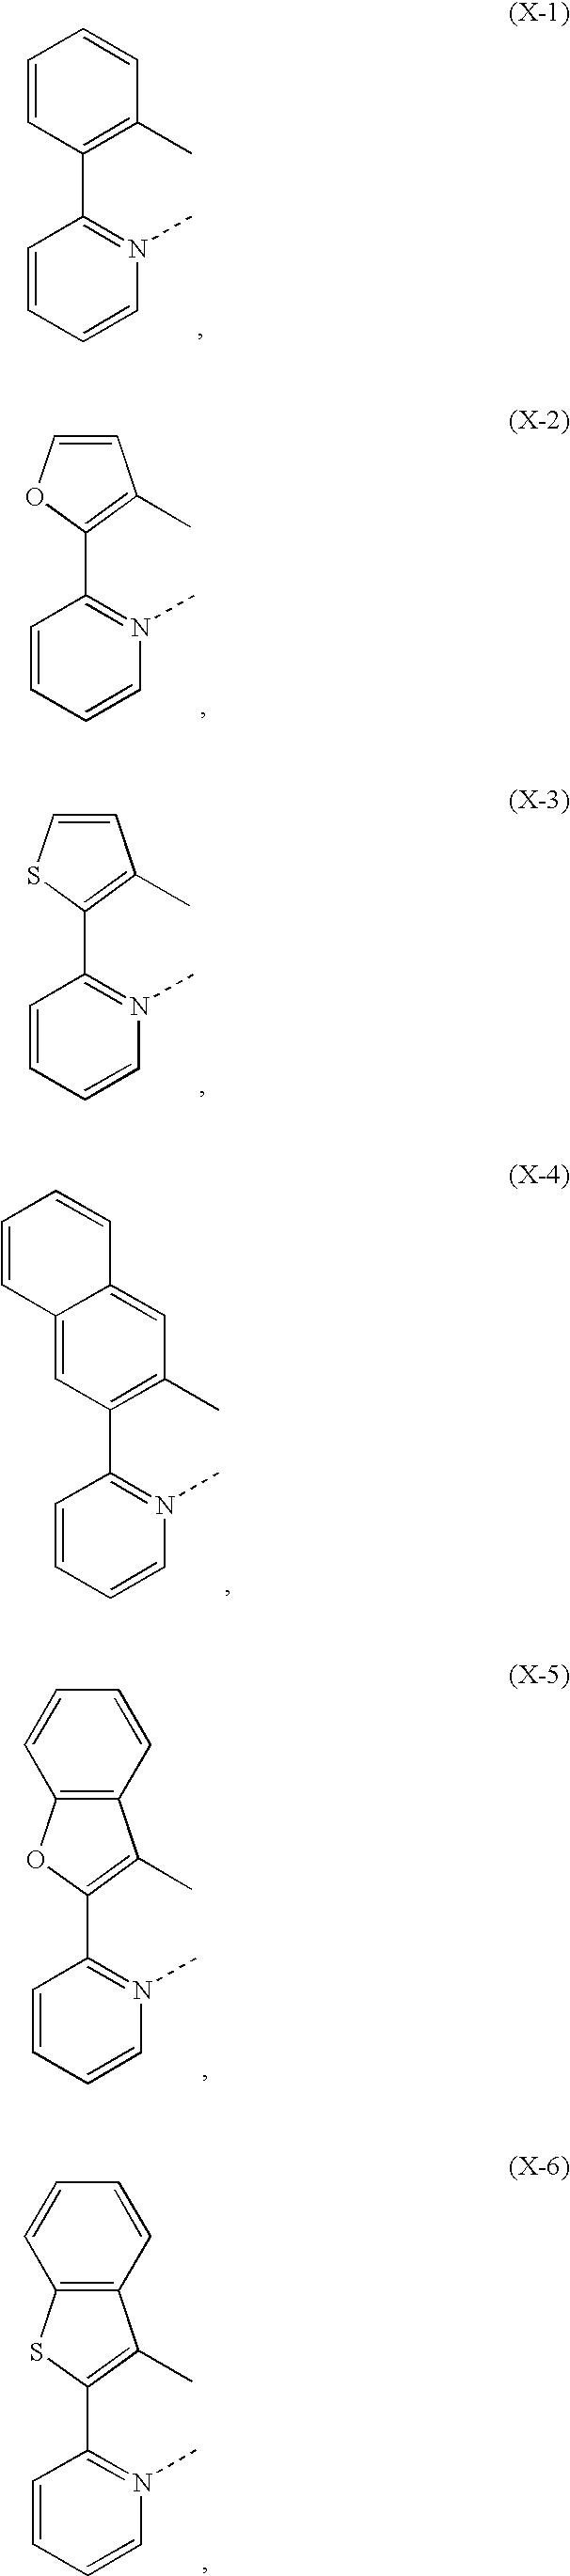 Figure US09362510-20160607-C00038